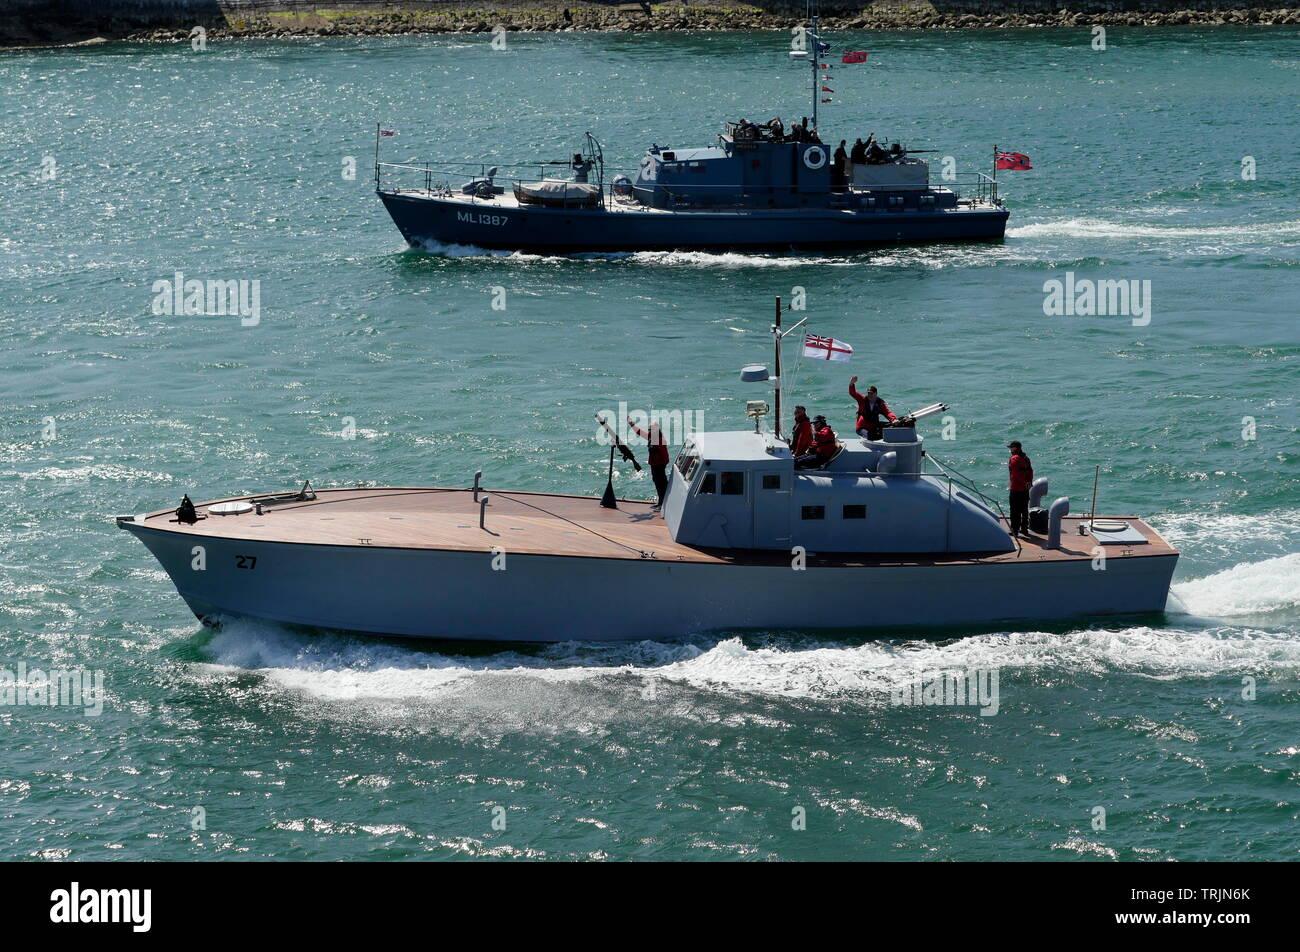 AJAXNETPHOTO. 3ro de junio, 2019. PORTSMOUTH, Inglaterra. - Se restaura WARHORSE jefes - los 63ft EX MA/SB 27 (motor anti submarino Barco) originalmente encargado en la Royal Navy en 1941, es la última adición a la Base Naval de Portsmouth (PNBPT LANCHA TRUST) tras tres años de restauración a la configuración en tiempo de guerra por D-Day REVISITED la caridad. Visto aquí Outward Bound a Normandía como parte de la 75ª flotilla de aniversario del Día-D en compañía con el restaurado HDML 1387 (PUERTO DE LANZAMIENTO DEL MOTOR DE DEFENSA) MEDUSA (superior). Foto;JONATHAN EASTLAND/AJAX REF; GX8_190306_352 Imagen De Stock